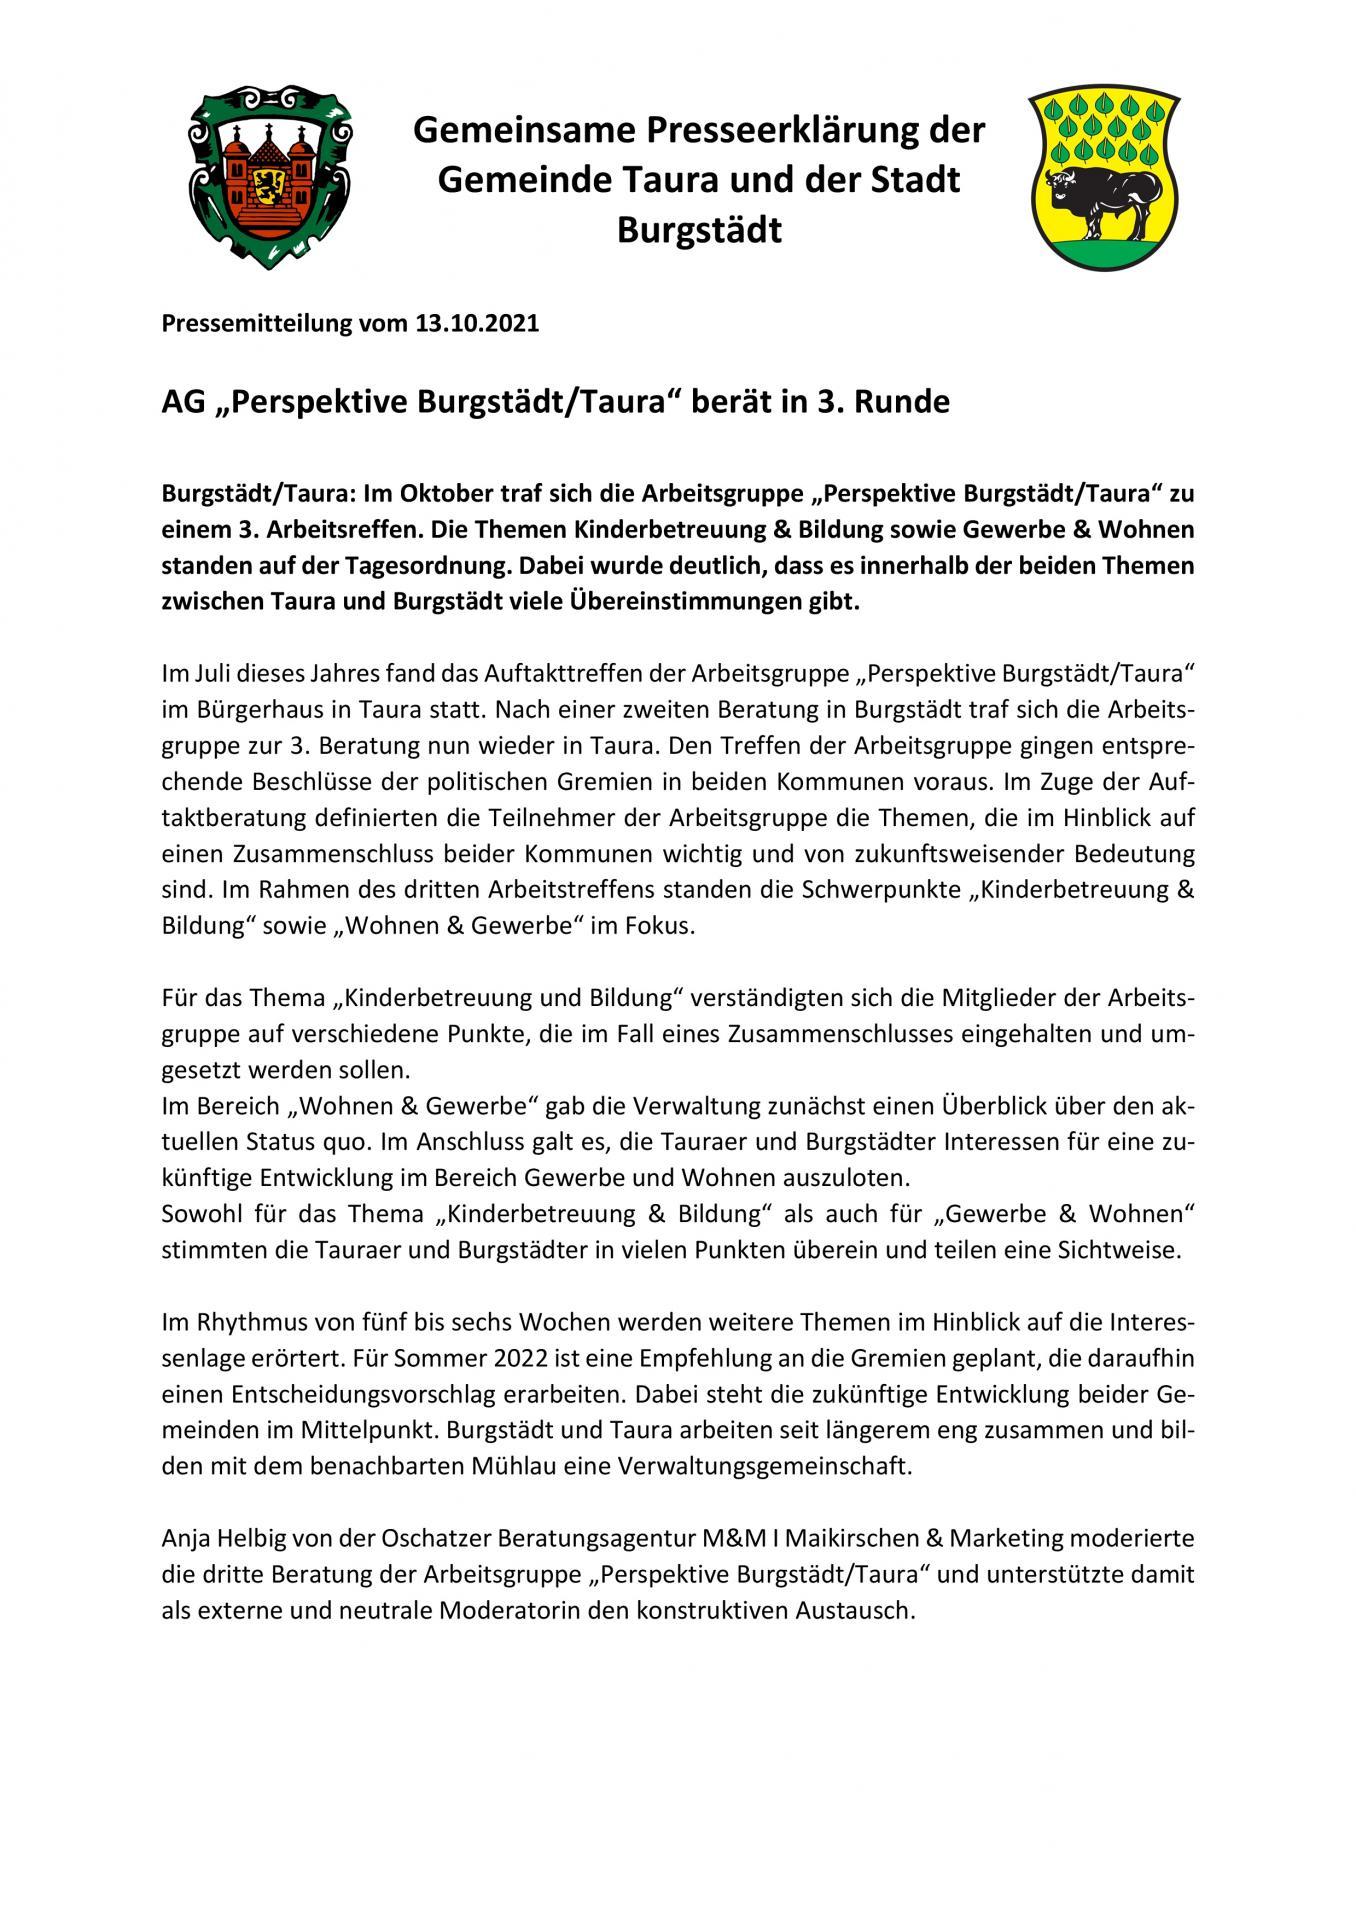 Presseerklärung_Bgst_Tau_10_2021